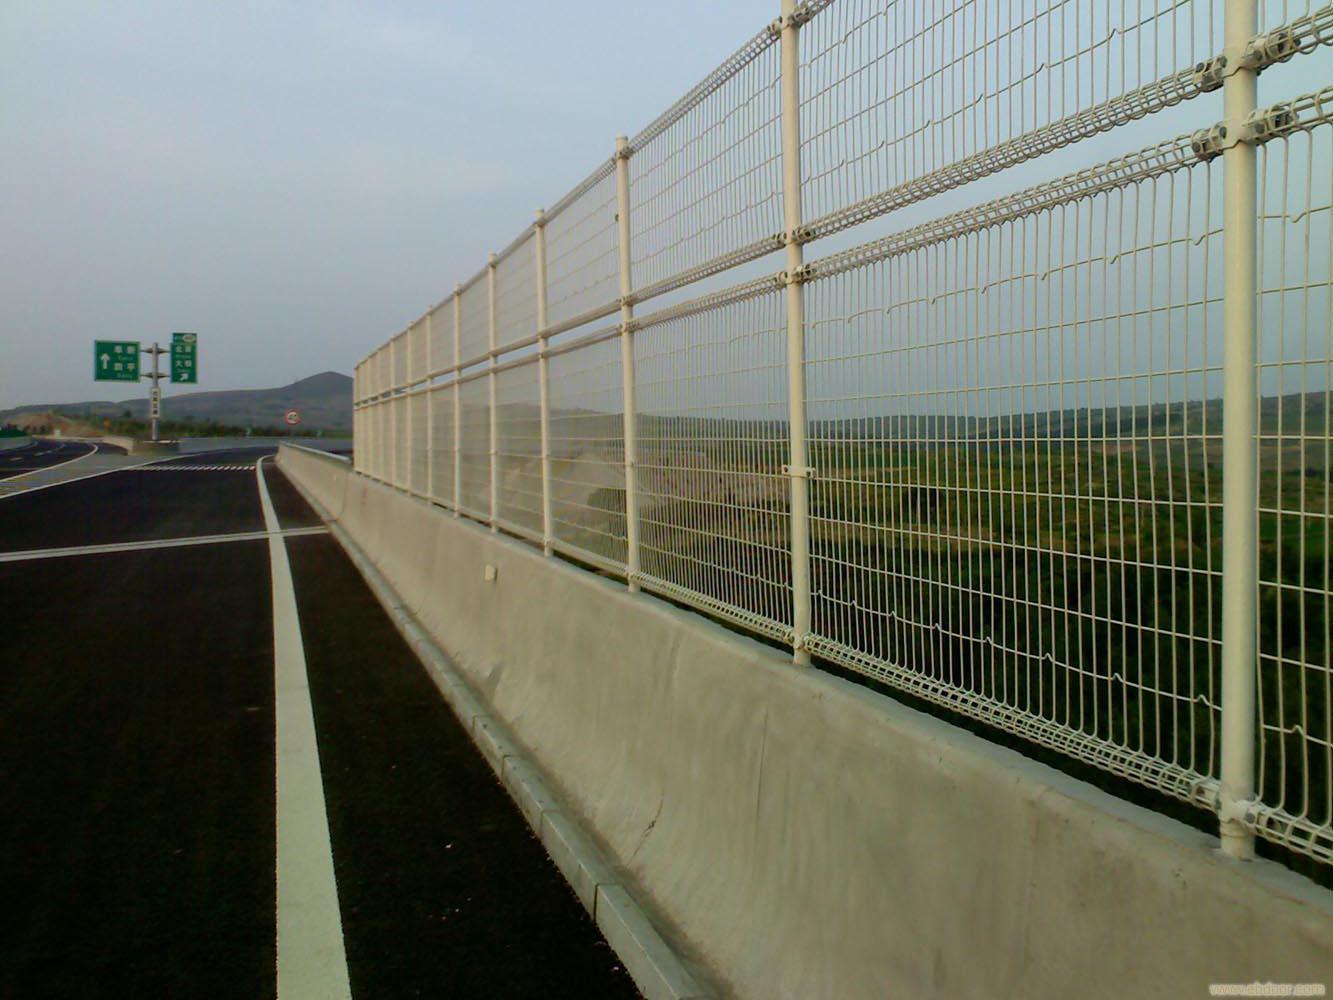 双边丝护栏网道路高速公路防护隔离网铁丝网果园围栏网围墙养殖